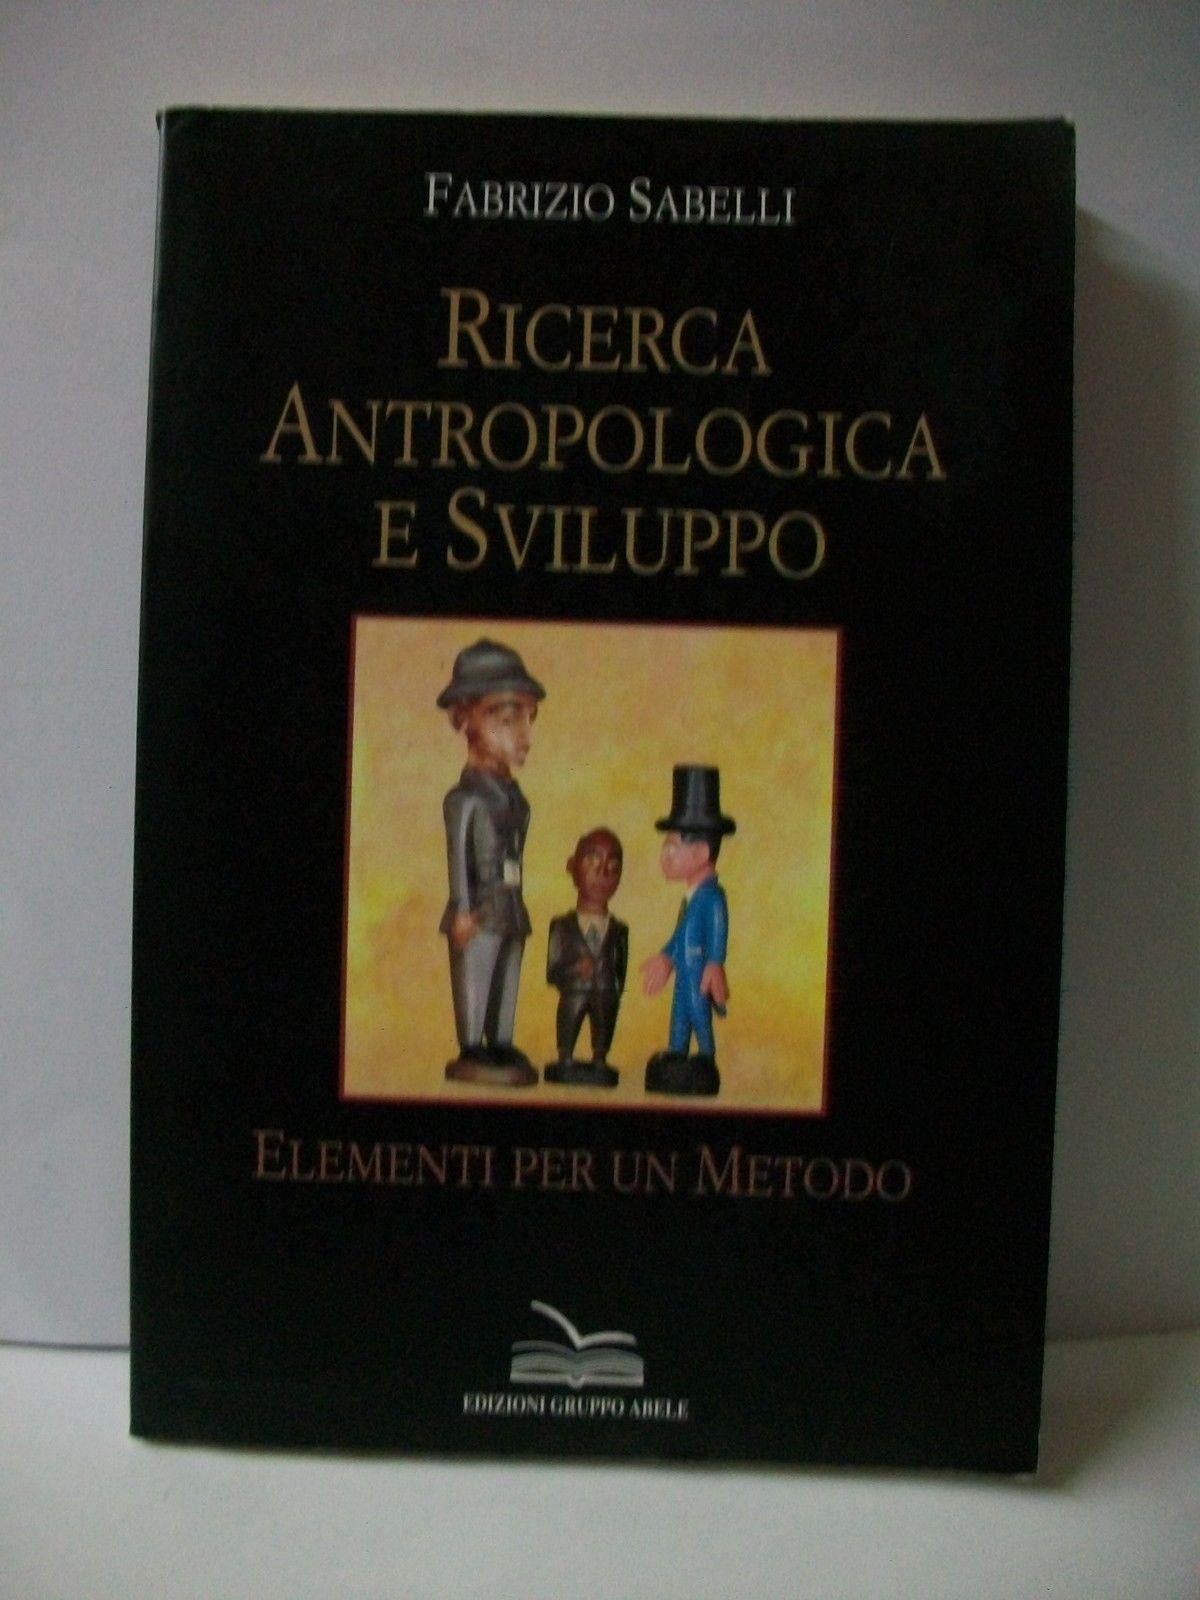 Ricerca antropologica e sviluppo